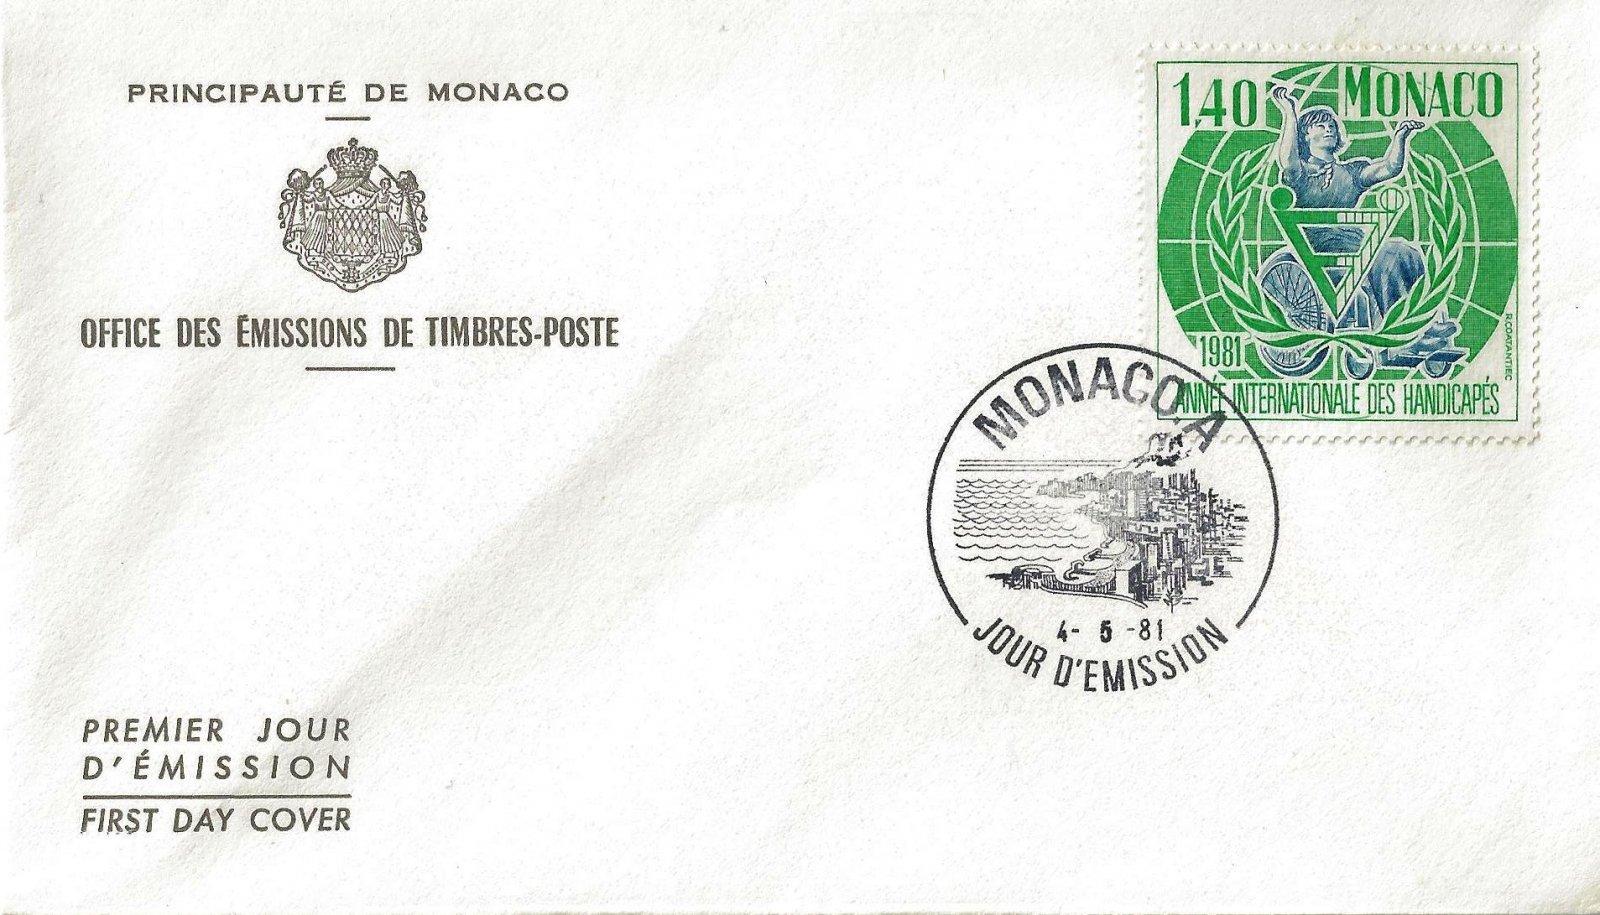 1981 ANNEE DES HANDICAPES MONACO